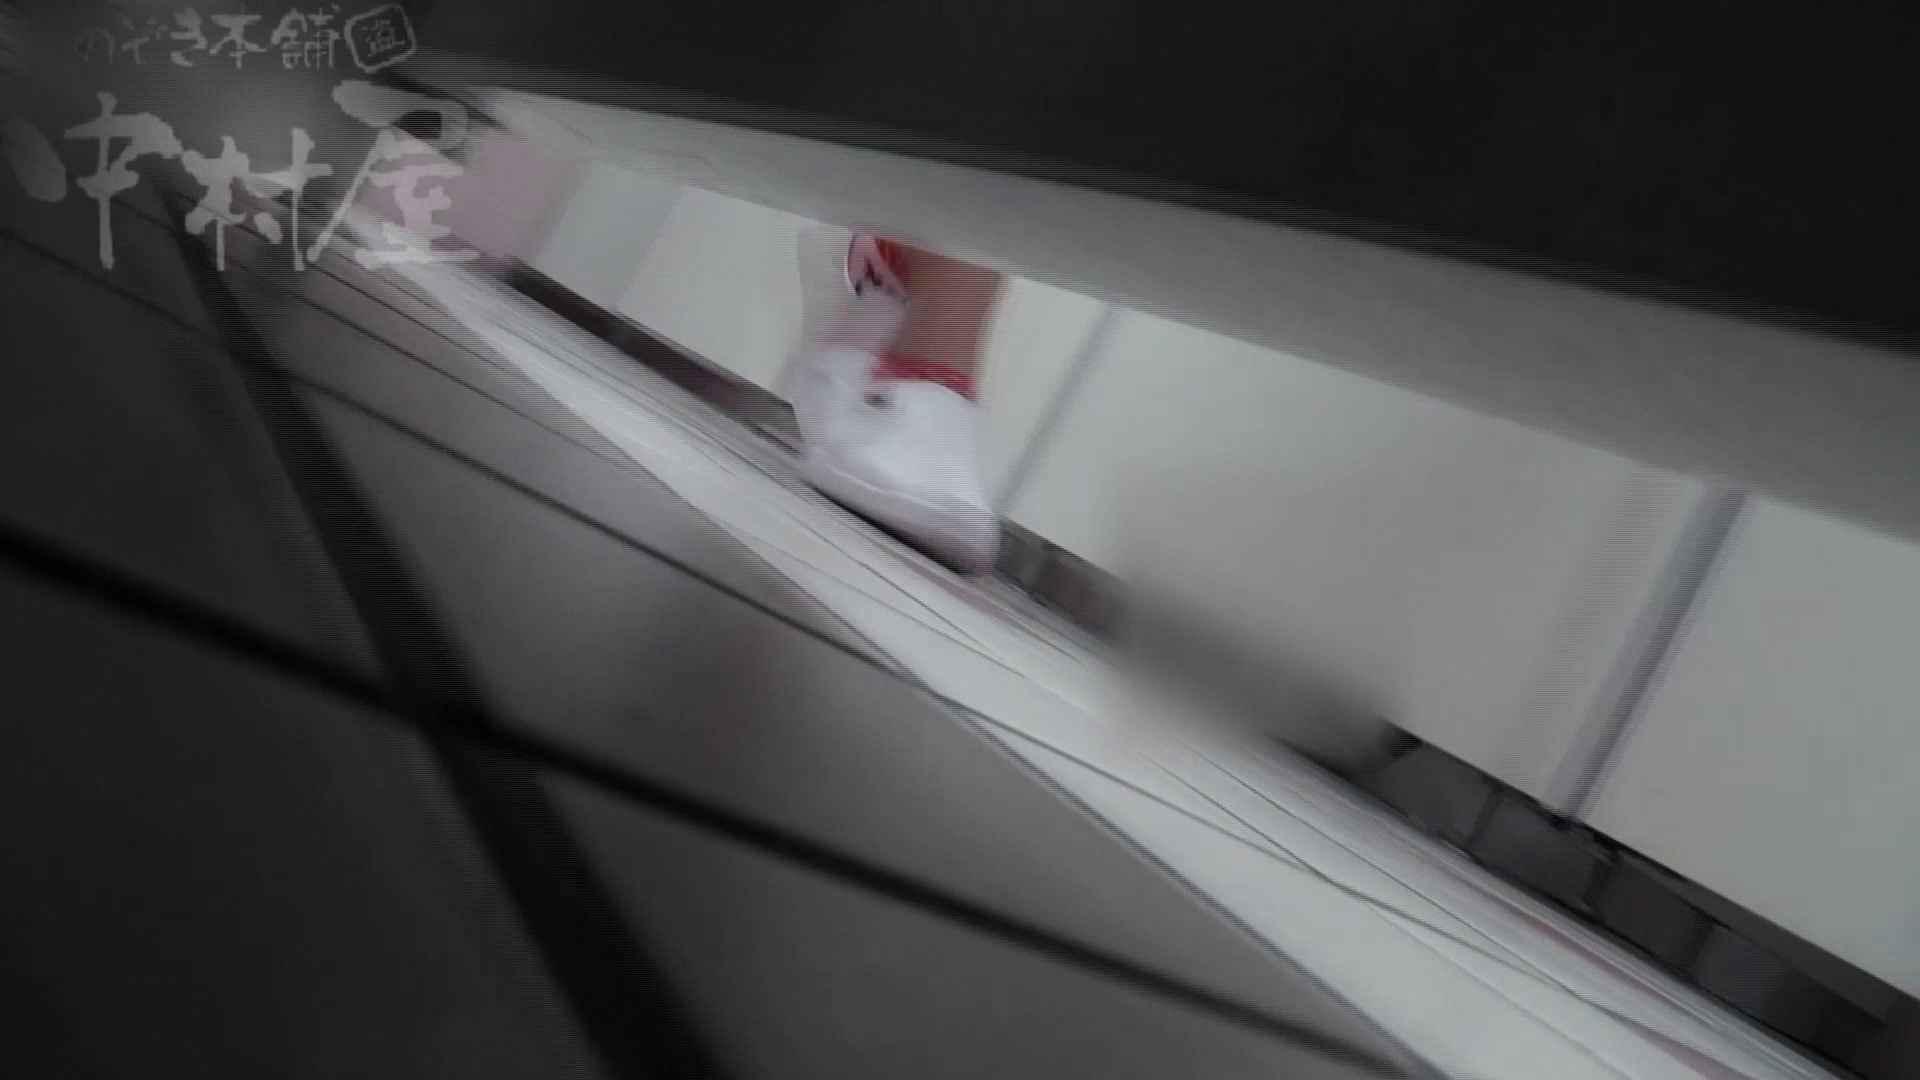 美しい日本の未来 No.31 新しいアングルに挑戦 ぱっくり下半身 AV動画キャプチャ 80画像 33